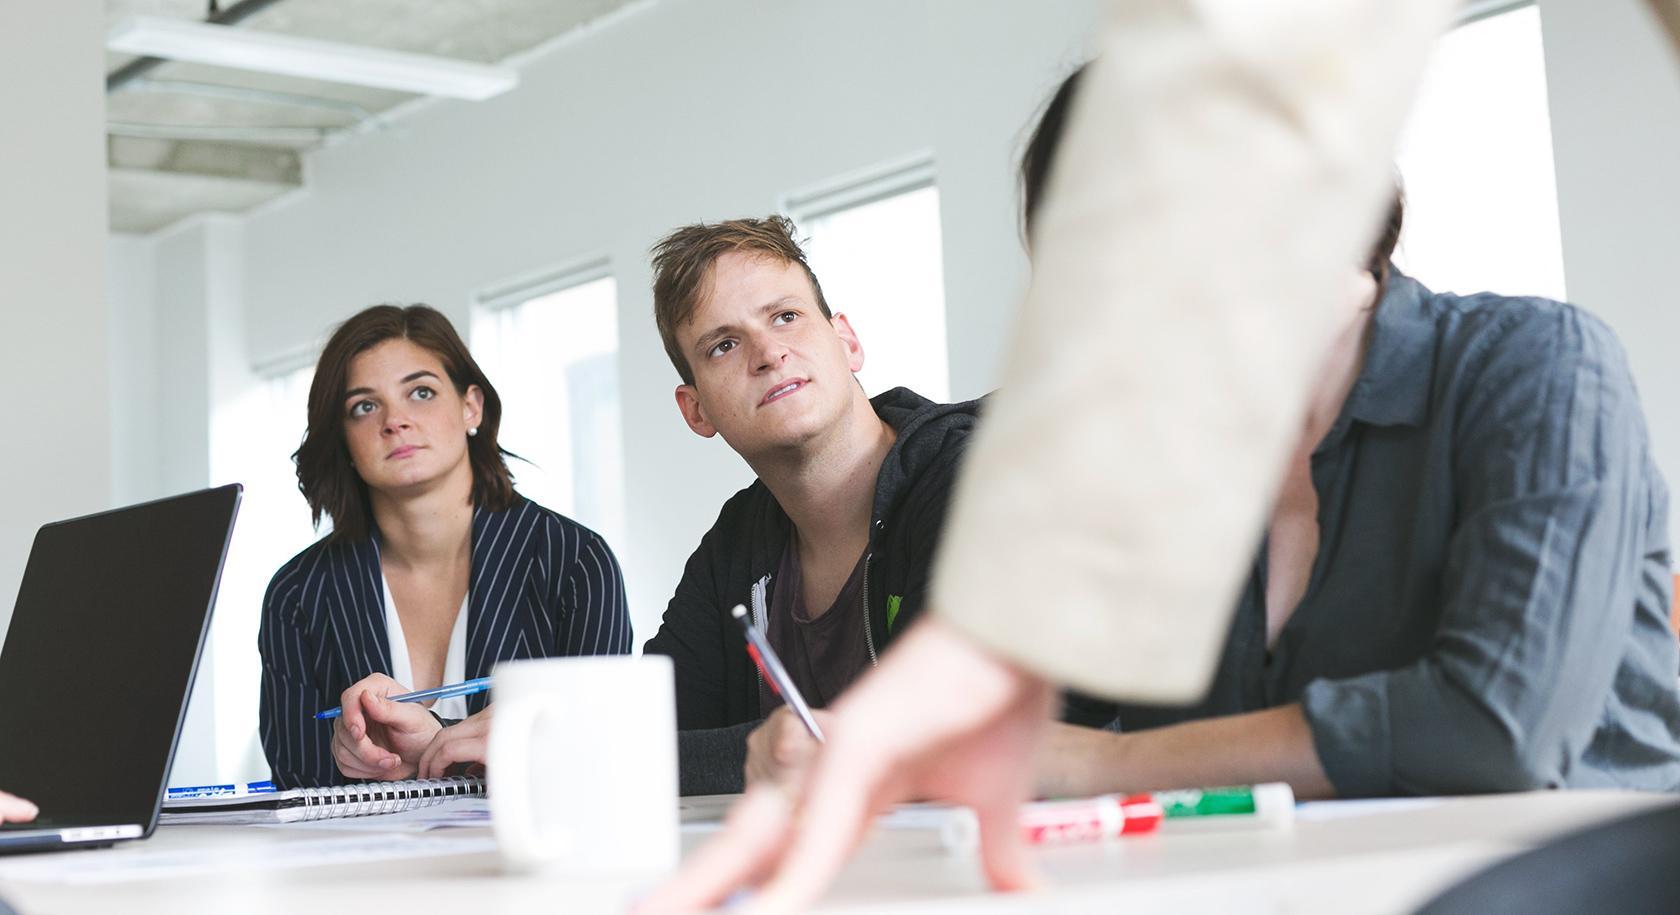 Diseñadores haciendo preguntas como parte de un marco de pensamiento de diseño